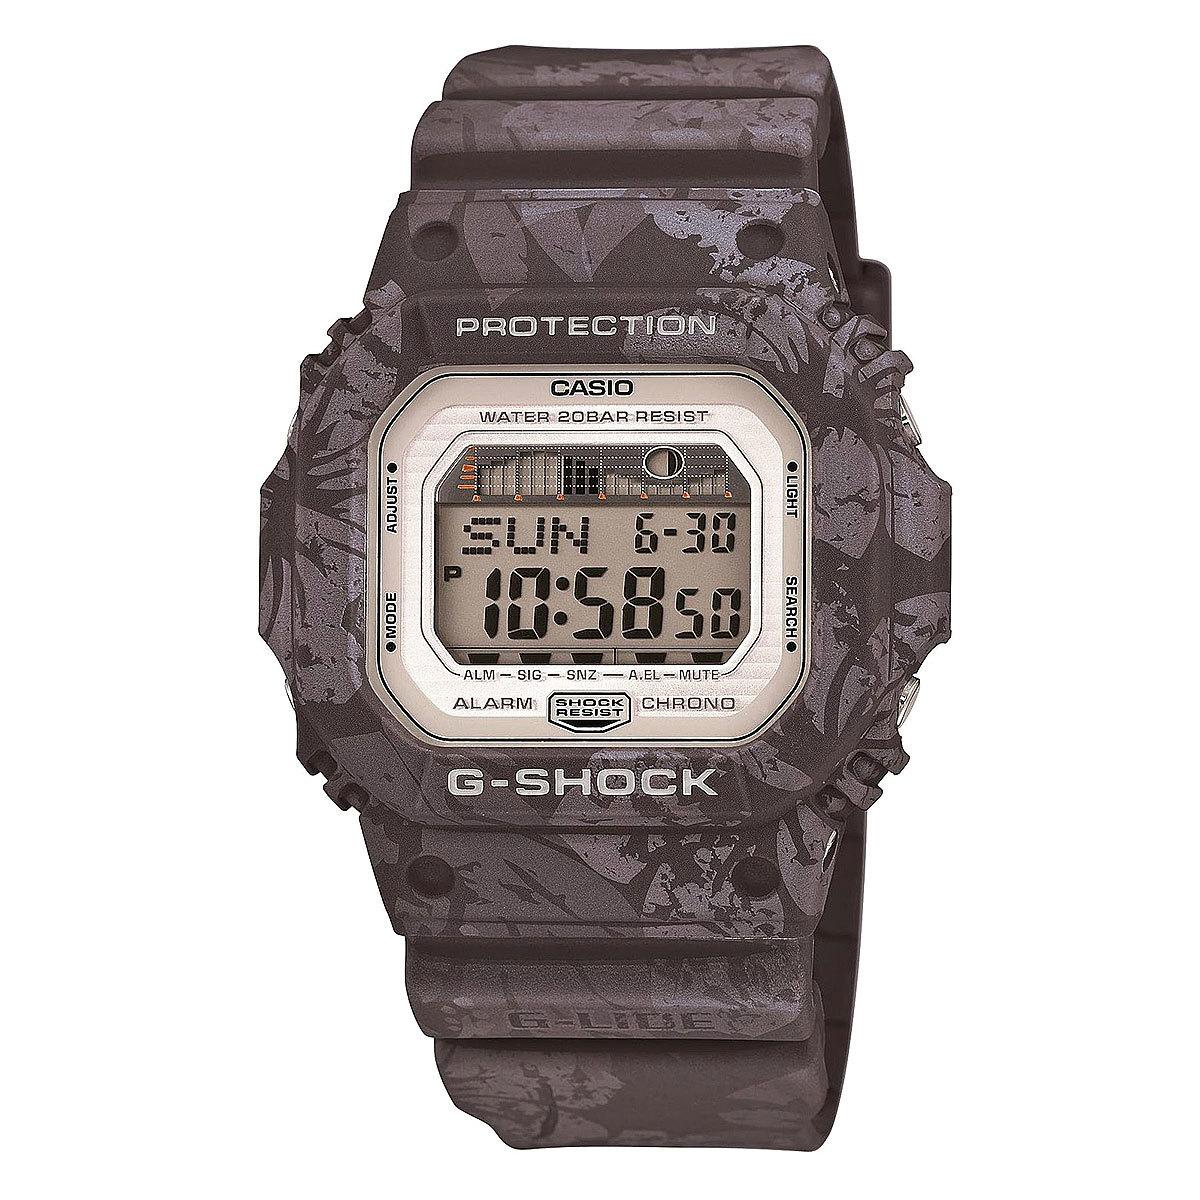 Casio G-SHOCK GLX-5600F-8E / GLX-5600F-8ER - мужские наручные часыCasio<br><br><br>Бренд: Casio<br>Модель: Casio GLX-5600F-8E<br>Артикул: GLX-5600F-8E<br>Вариант артикула: GLX-5600F-8ER<br>Коллекция: G-SHOCK<br>Подколлекция: None<br>Страна: Япония<br>Пол: мужские<br>Тип механизма: кварцевые<br>Механизм: None<br>Количество камней: None<br>Автоподзавод: None<br>Источник энергии: от батарейки<br>Срок службы элемента питания: None<br>Дисплей: цифры<br>Цифры: None<br>Водозащита: WR 200<br>Противоударные: есть<br>Материал корпуса: пластик<br>Материал браслета: пластик<br>Материал безеля: None<br>Стекло: минеральное<br>Антибликовое покрытие: None<br>Цвет корпуса: None<br>Цвет браслета: None<br>Цвет циферблата: None<br>Цвет безеля: None<br>Размеры: 43.2x46.7x12.7 мм<br>Диаметр: None<br>Диаметр корпуса: None<br>Толщина: None<br>Ширина ремешка: None<br>Вес: 53 г<br>Спорт-функции: секундомер, таймер обратного отсчета<br>Подсветка: дисплея<br>Вставка: None<br>Отображение даты: вечный календарь, число, месяц, день недели<br>Хронограф: None<br>Таймер: None<br>Термометр: None<br>Хронометр: None<br>GPS: None<br>Радиосинхронизация: None<br>Барометр: None<br>Скелетон: None<br>Дополнительная информация: ежечасный сигнал, повтор сигнала будильника, индикатор приливов/отливов, функция Flash alert, функция включения/отключения звука кнопок, элемент питания CR2025, срок службы батареи 7 лет<br>Дополнительные функции: второй часовой пояс, указатель фаз луны, будильник (количество установок: 3)